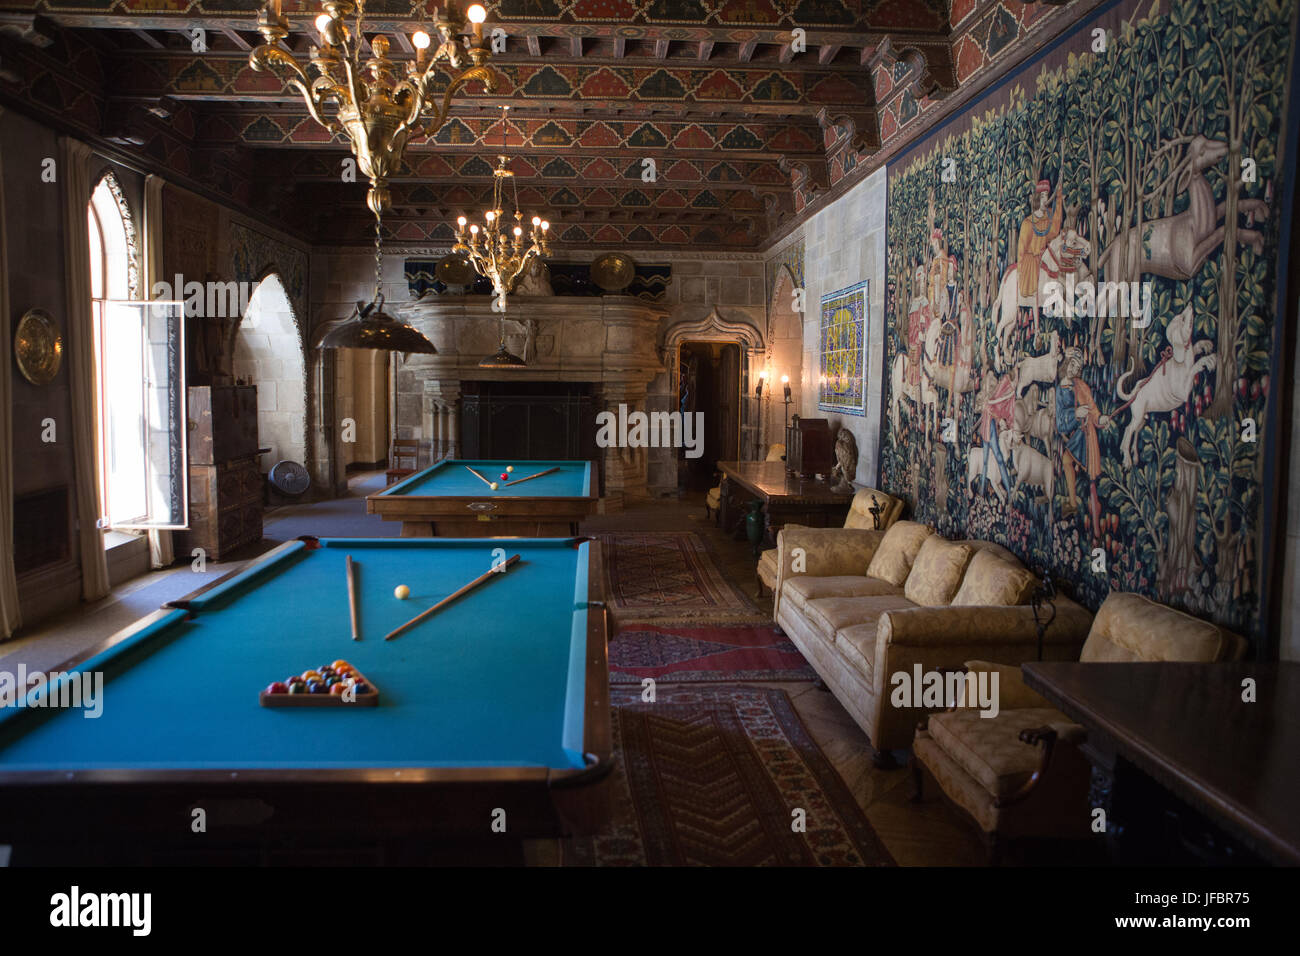 El castillo Hearst billar habitación está decorada con muebles, tapices, obras de arte y luces ornamentales. Imagen De Stock